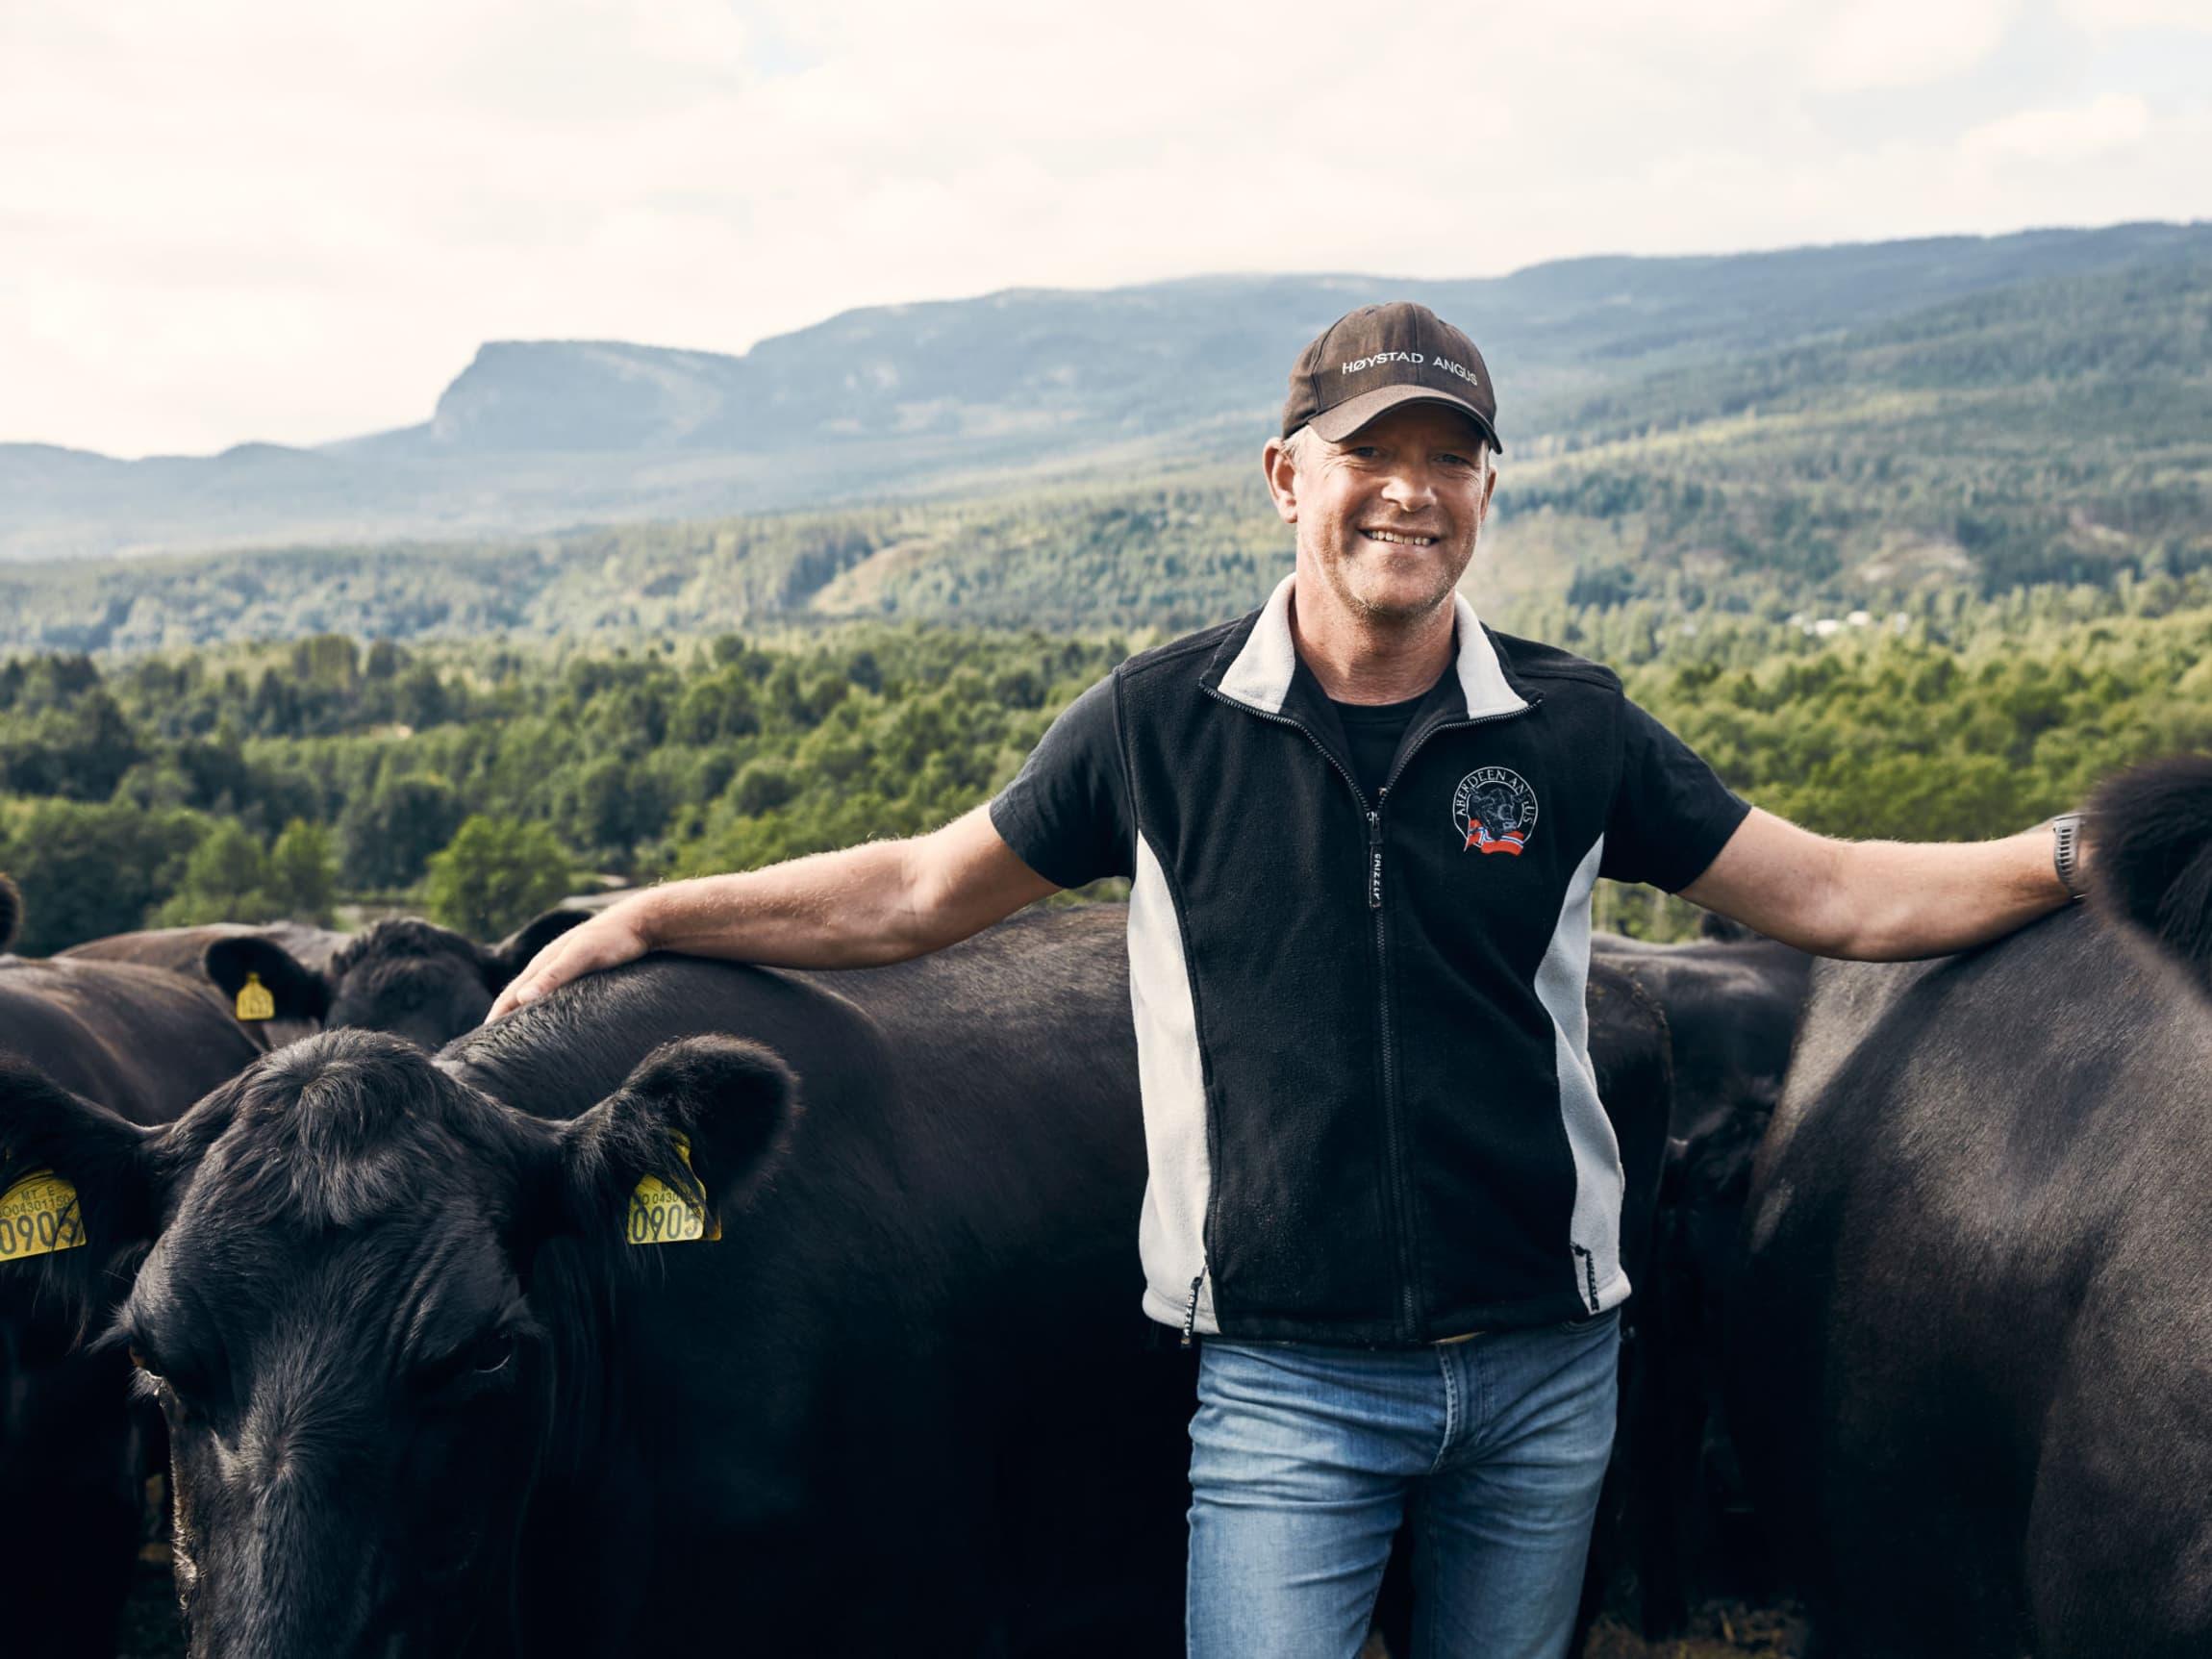 At dyrene har de godt og vite at man produserer norsk kjøtt av aller beste kvalitet på norske beiteressurser, synes Svein føles bra.